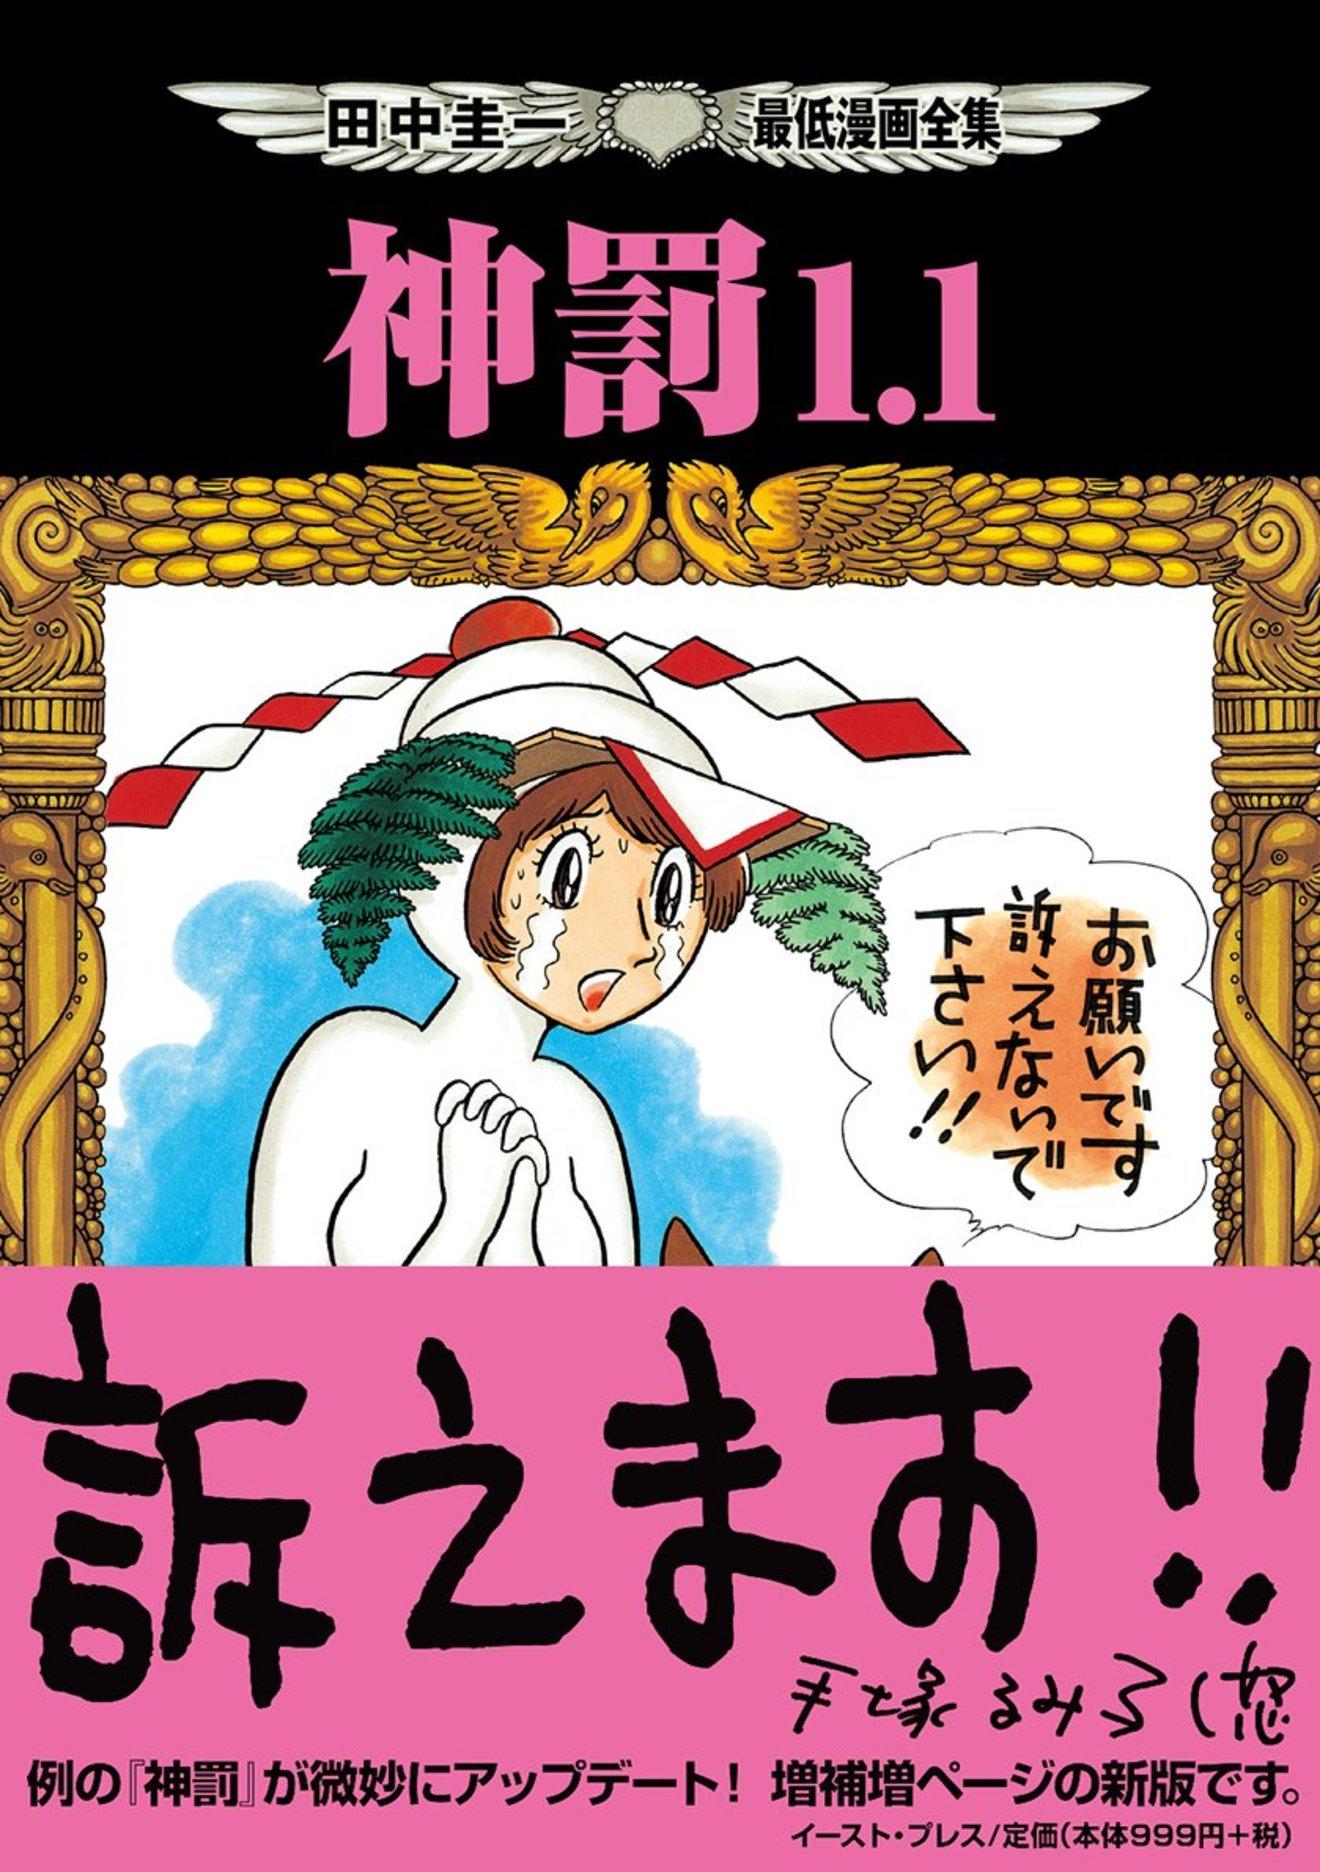 田中圭一のおすすめ漫画4選!「このマンガがゲスい」3年連続第1位